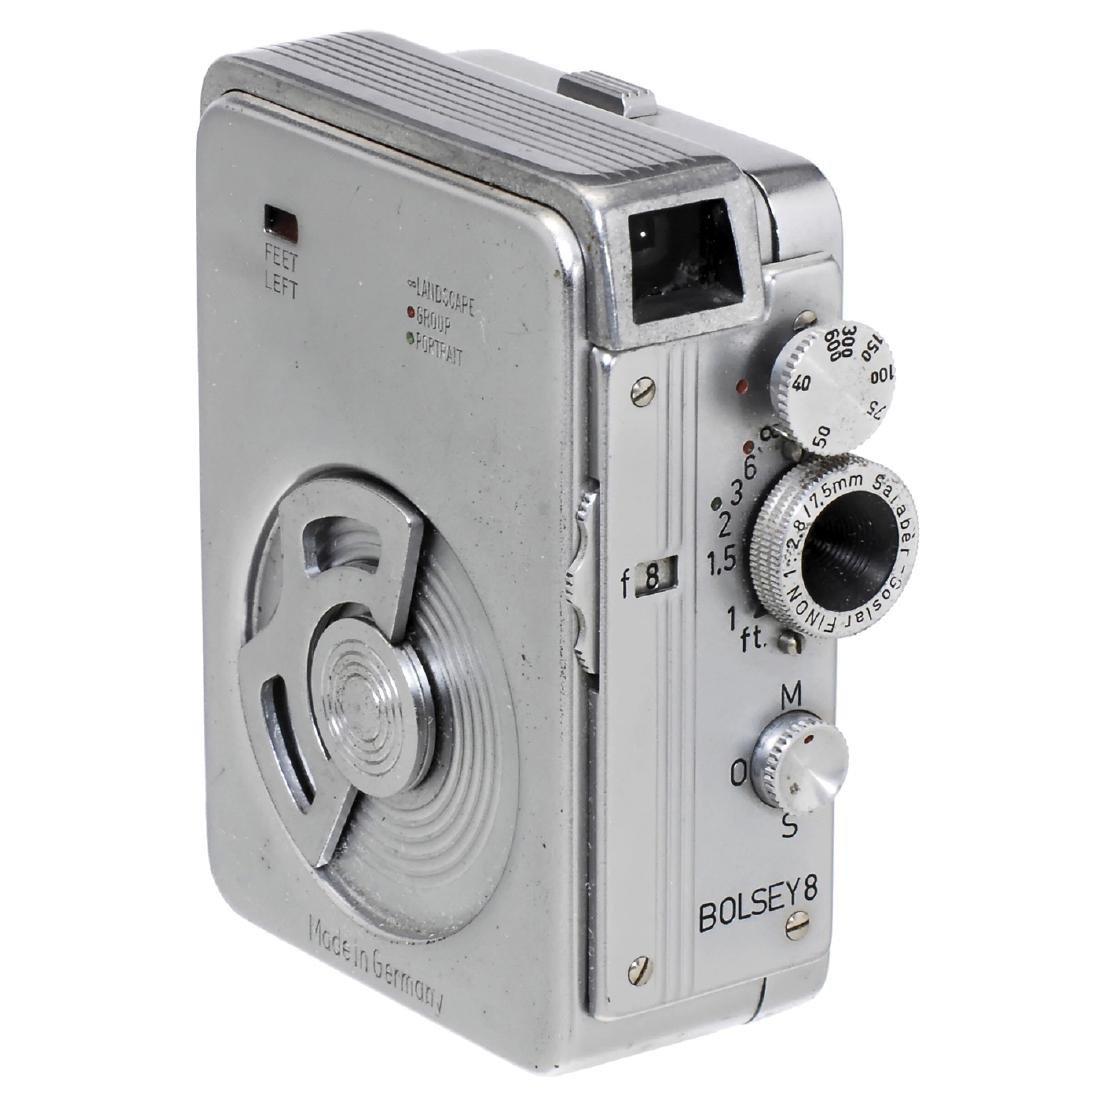 """Single Photo and Movie Camera """"Bolsey 8"""", 1955"""